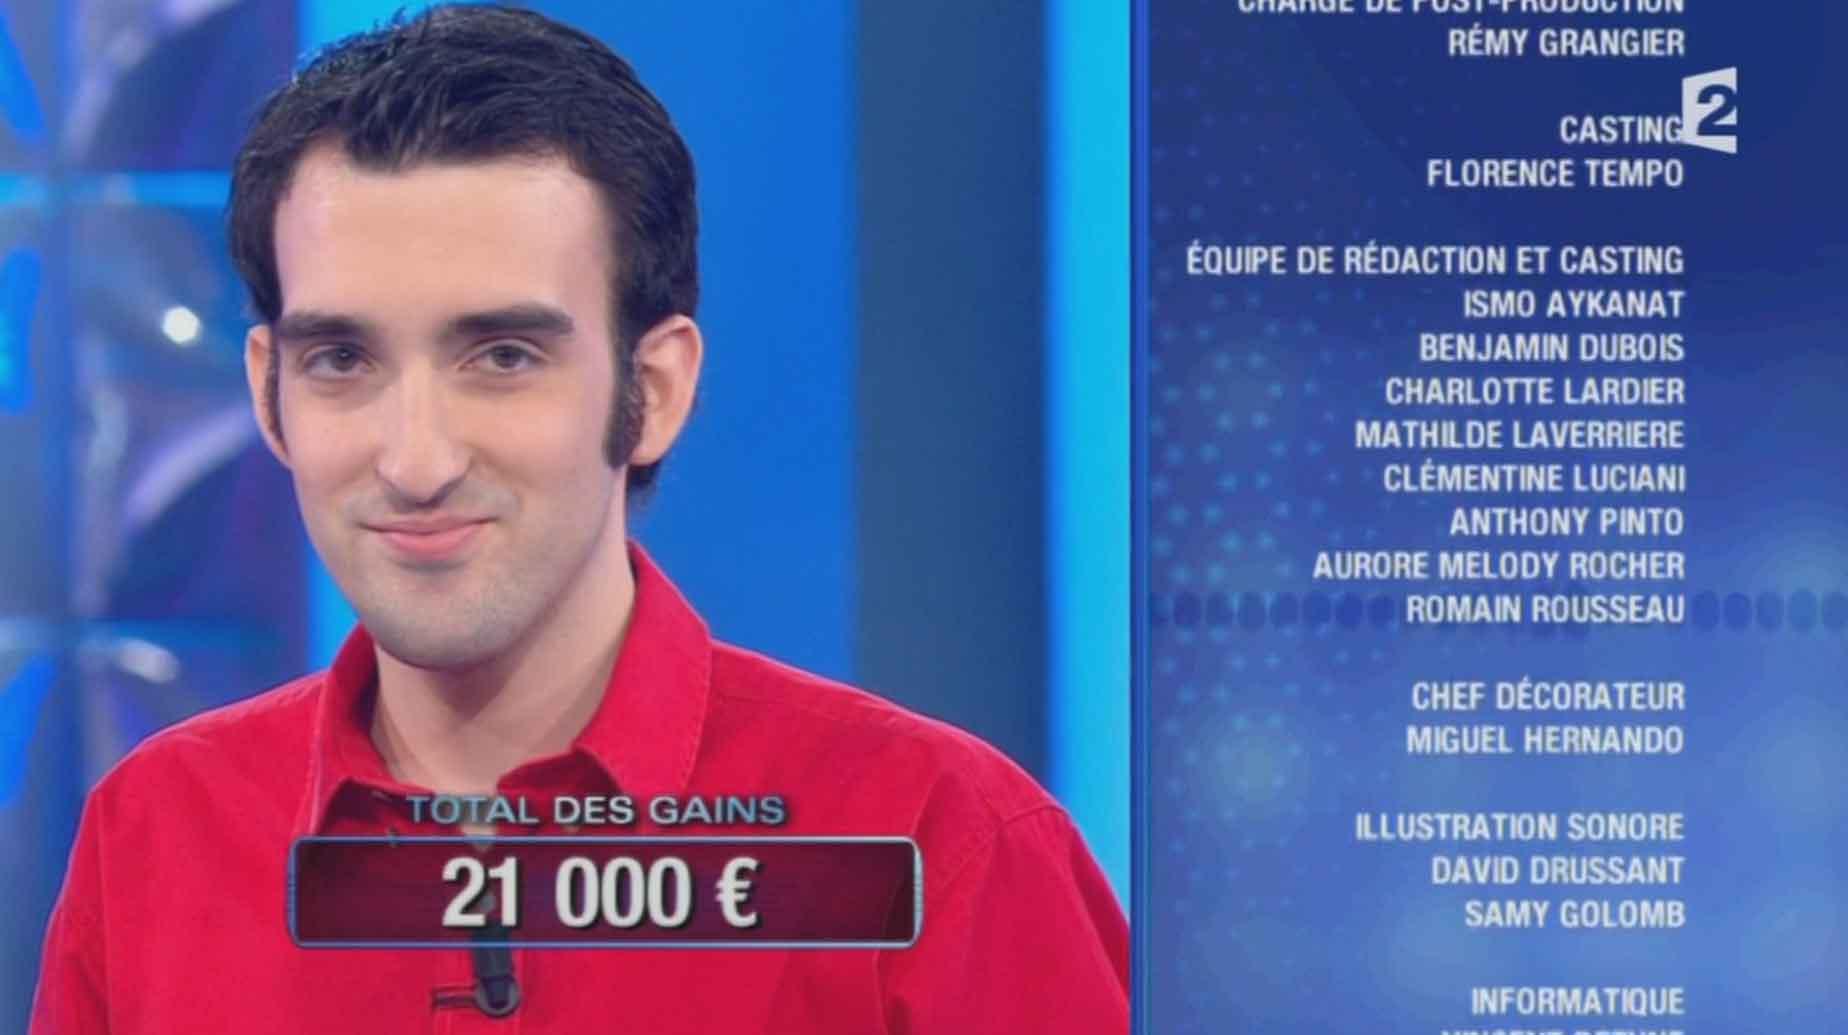 #Valentin 21 000 € en une soirée dans #Noplp